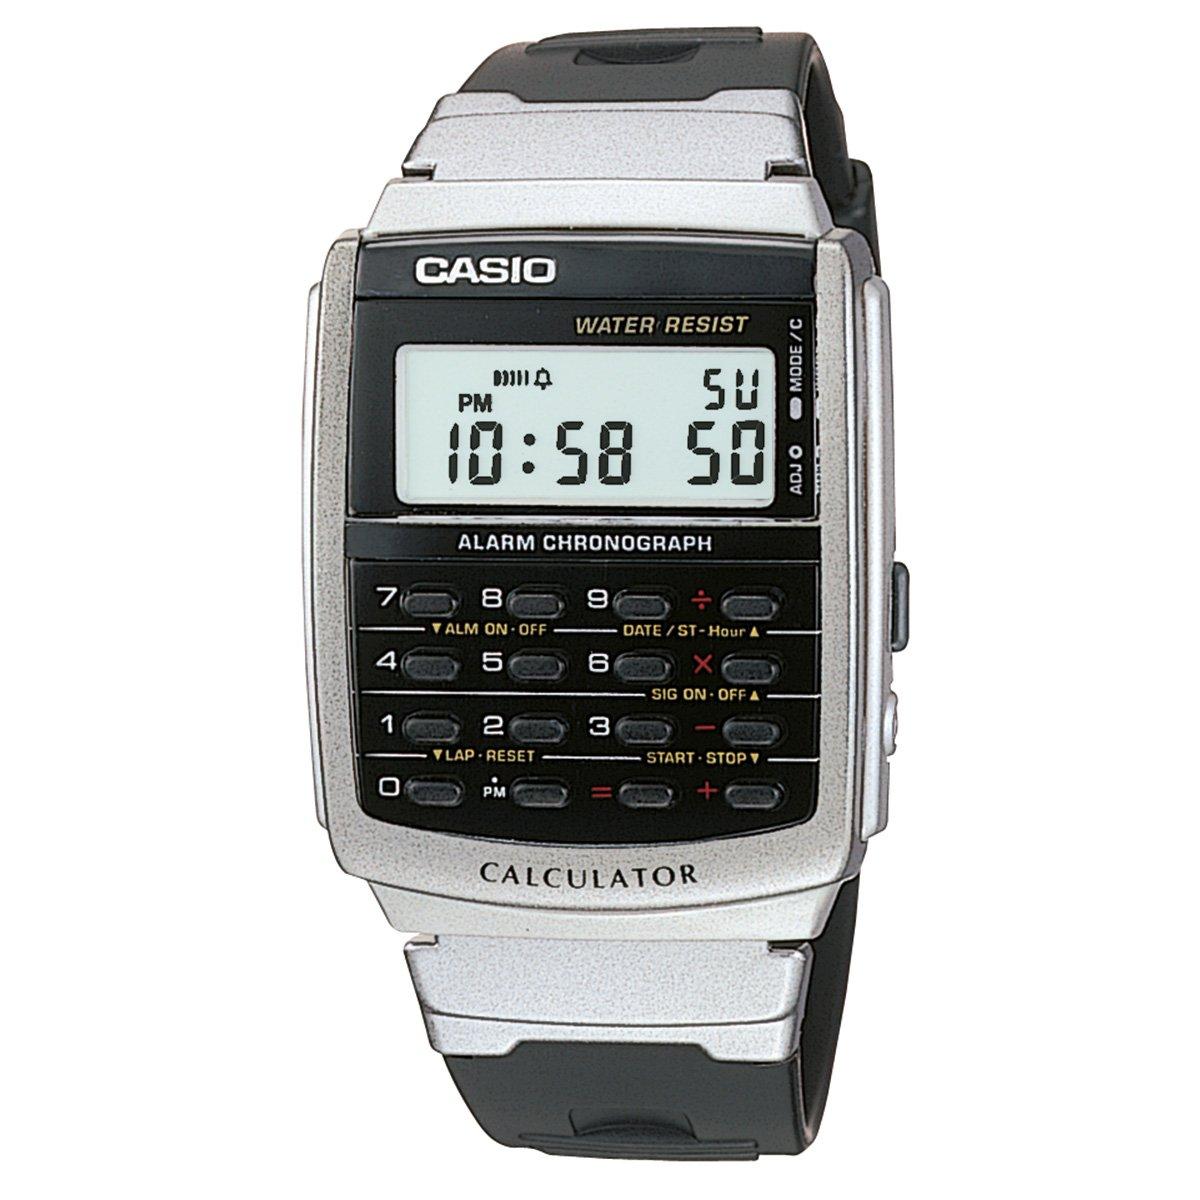 ee3d4834ea8 Relógio Vintage Digital CA-56-1DF - Preto - Compre Agora